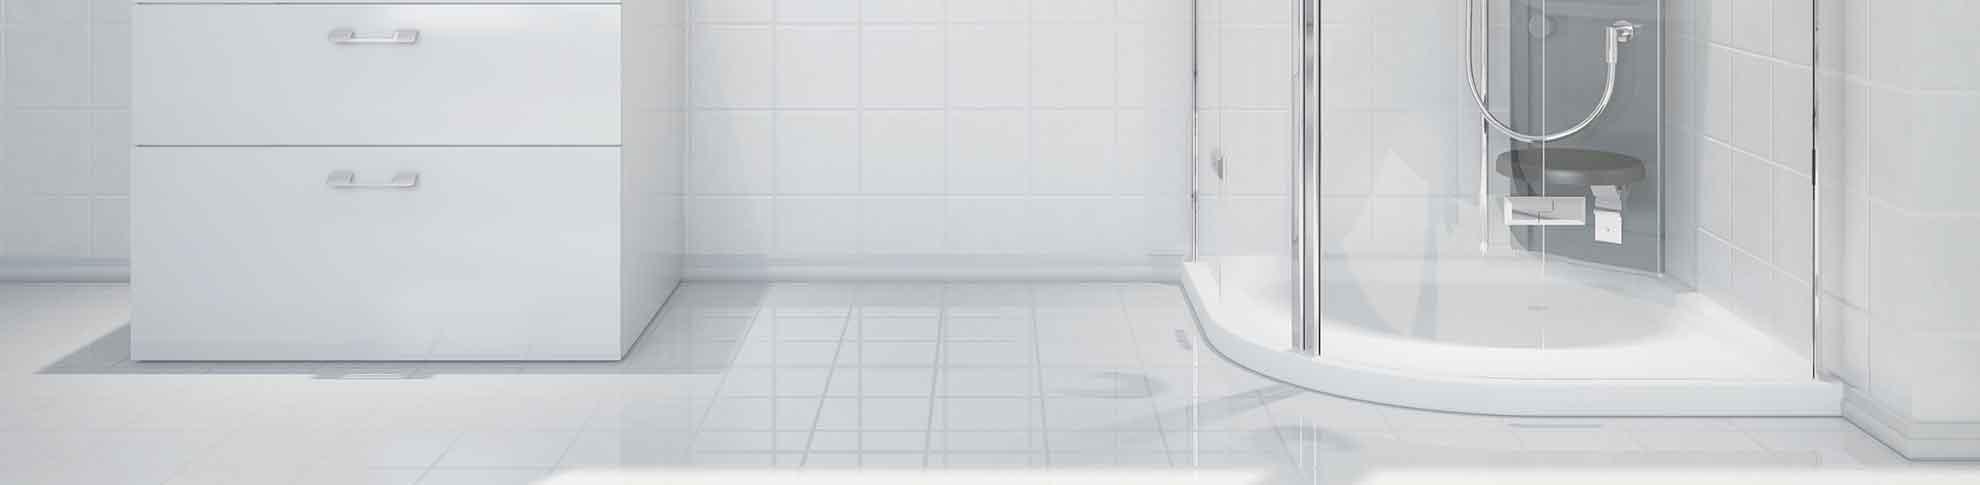 douchecabine badkamer vervangen doe-het-zelf